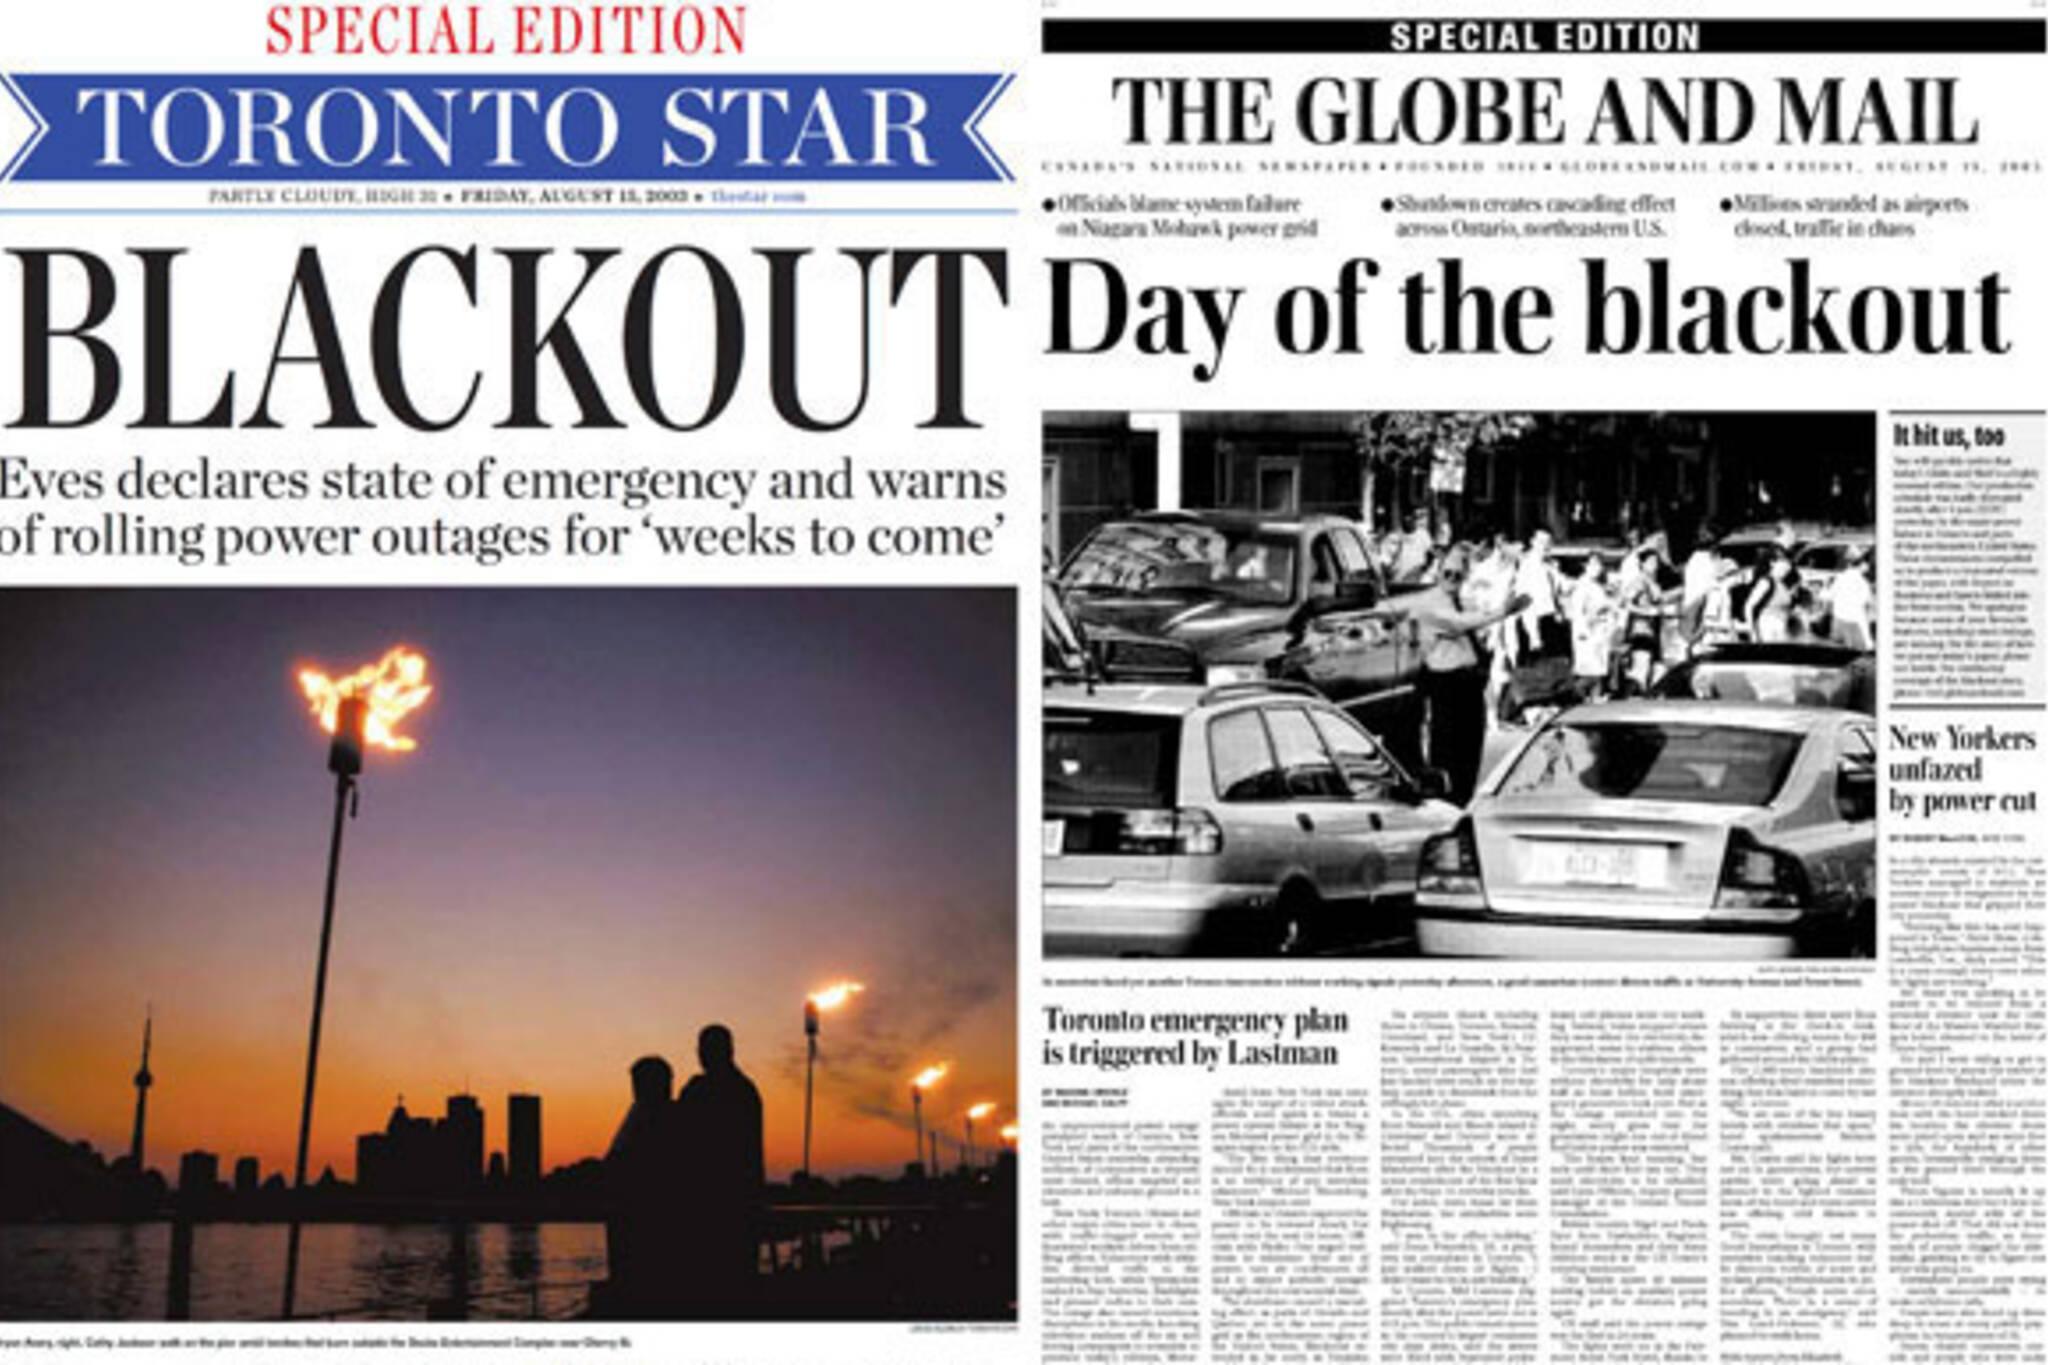 toronto 2003 blackout